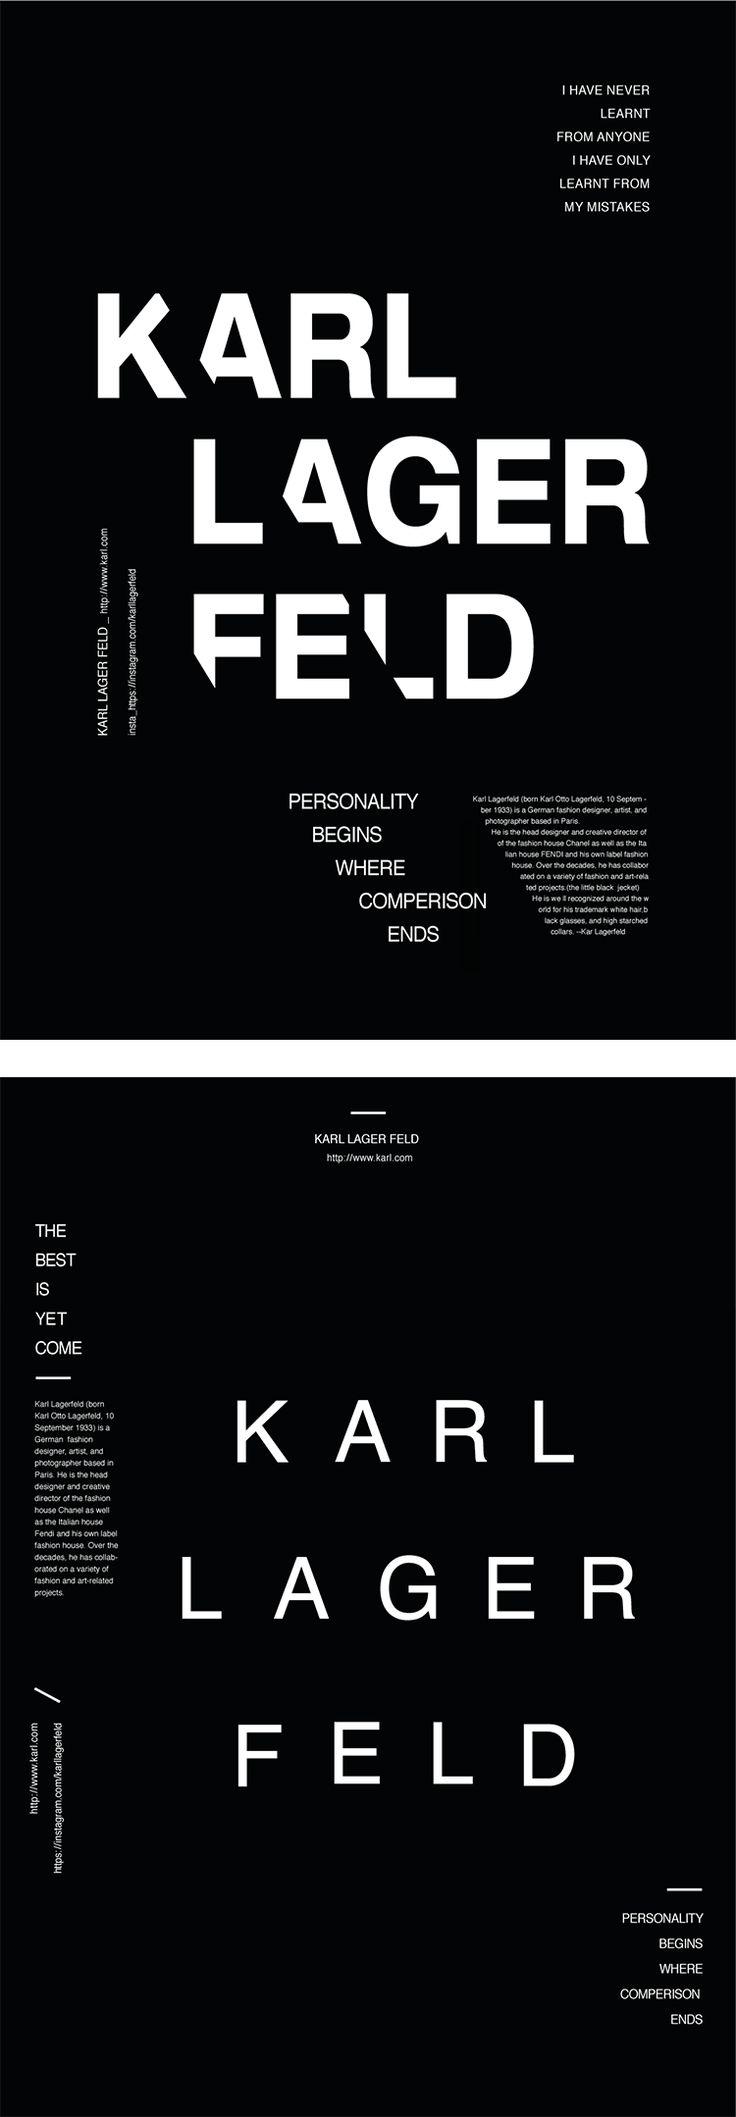 조예지│ Typography Design 2015│ Major in Digital Media Design│#hicoda │hicoda.hongik.ac.kr